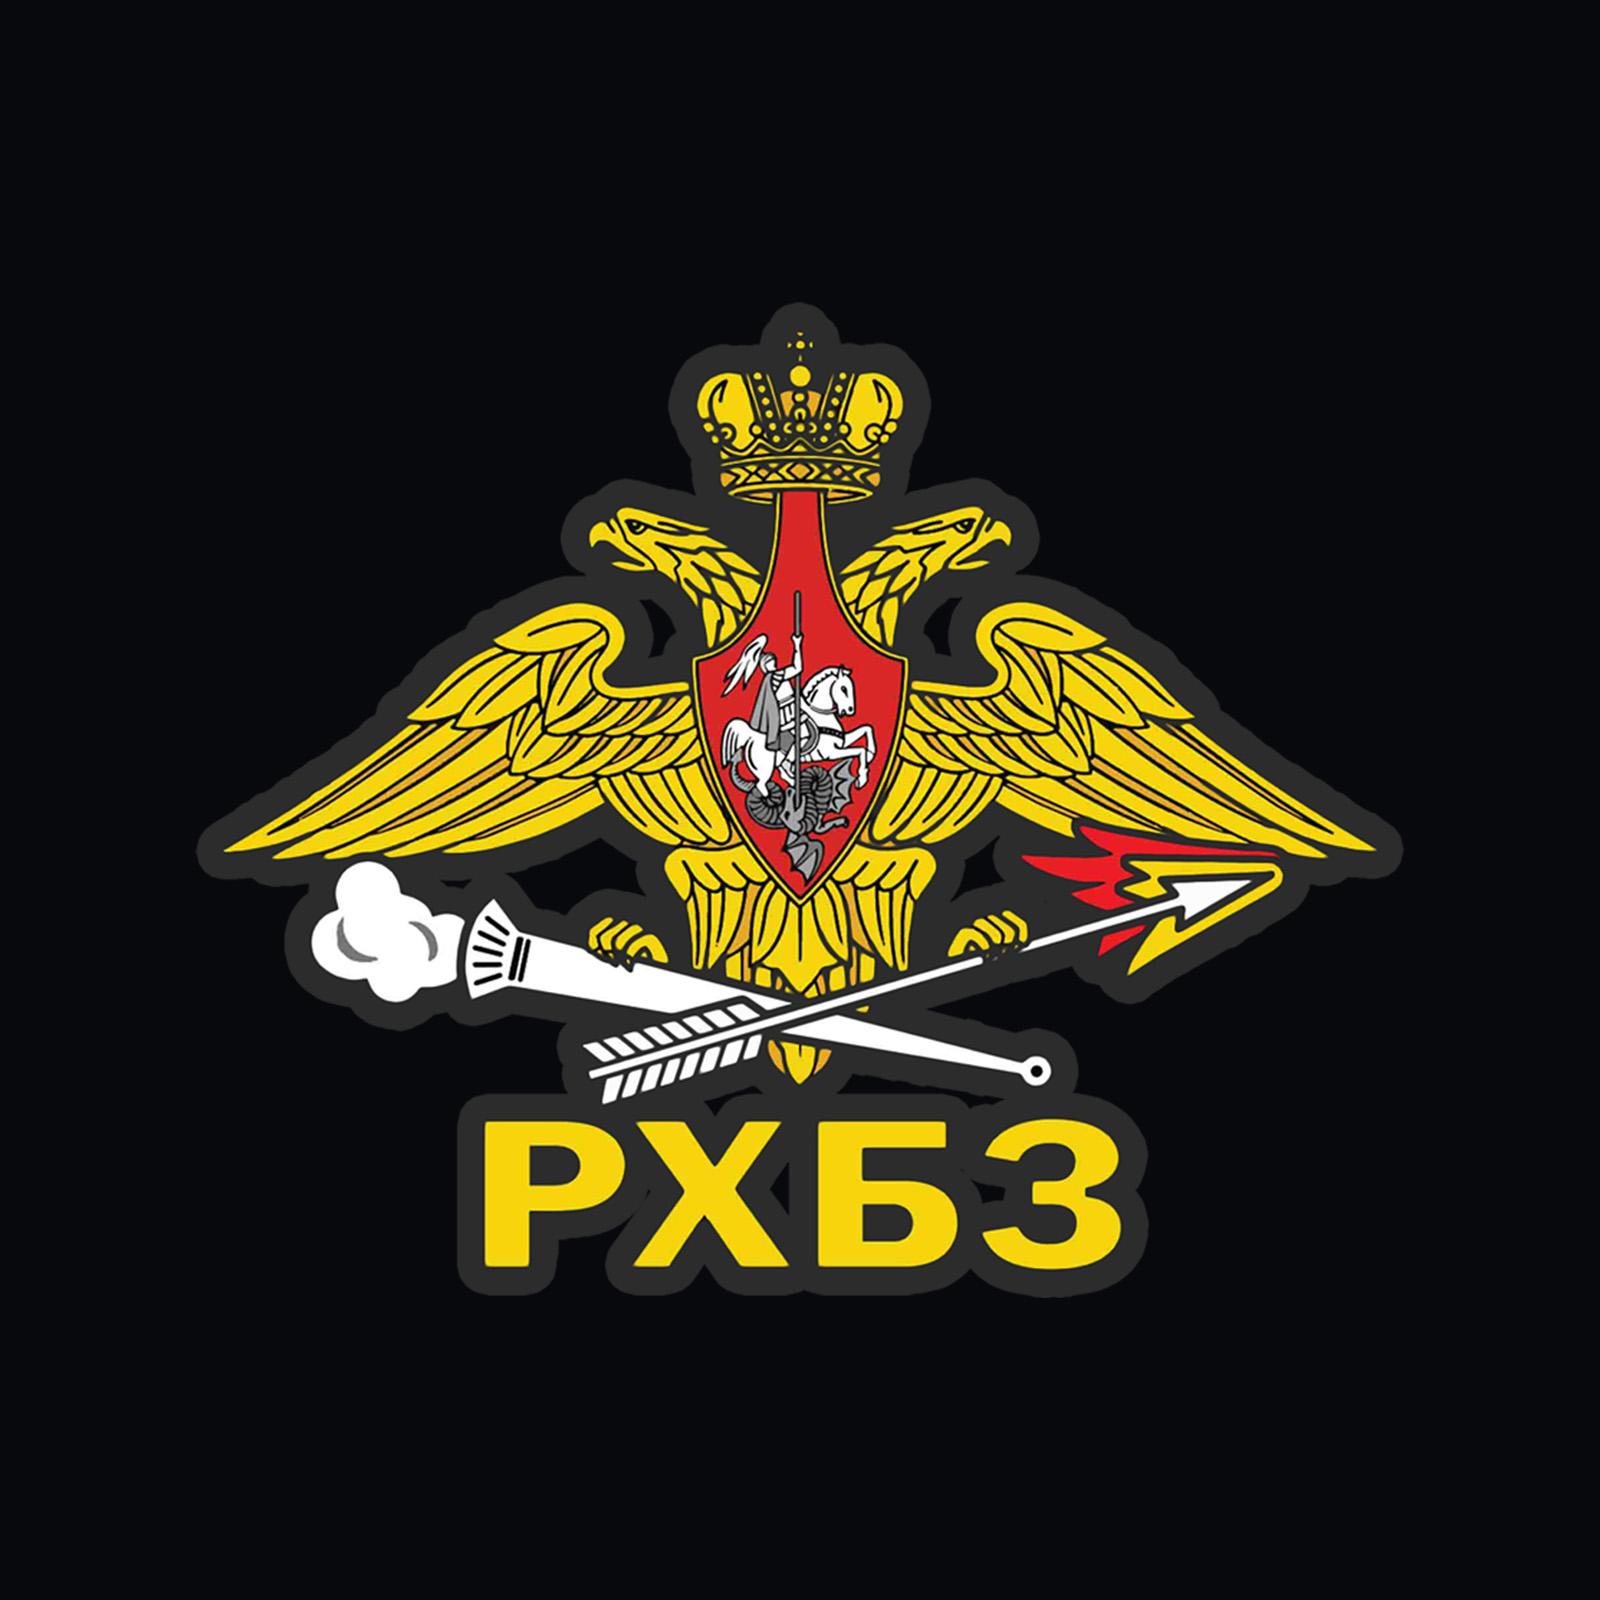 Надежная мужская футболка РХБЗ